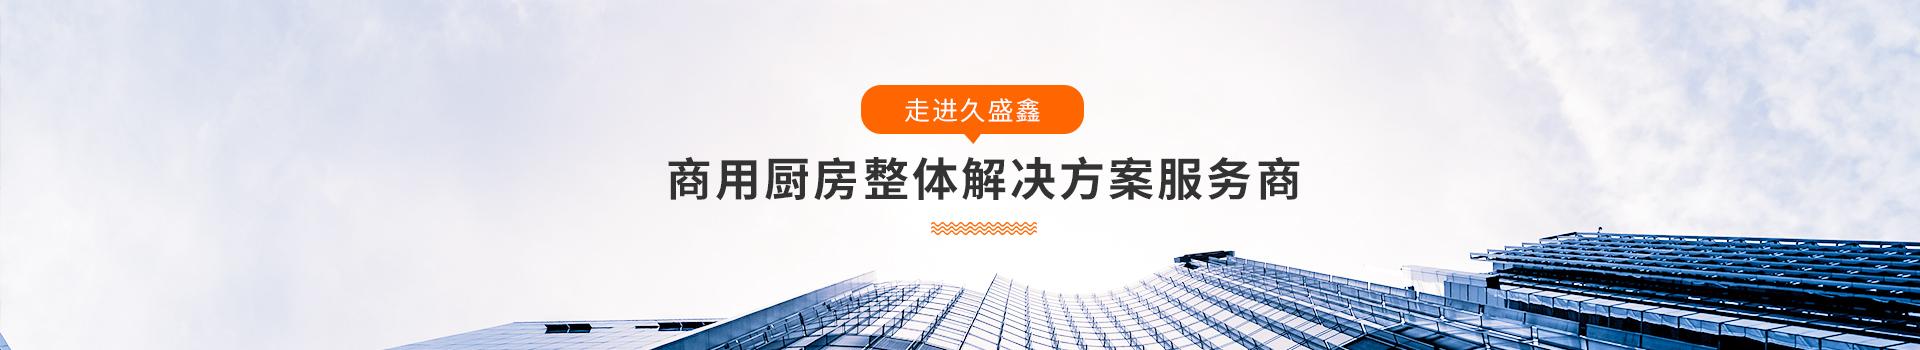 久盛鑫,商用厨房整体解决方案服务商